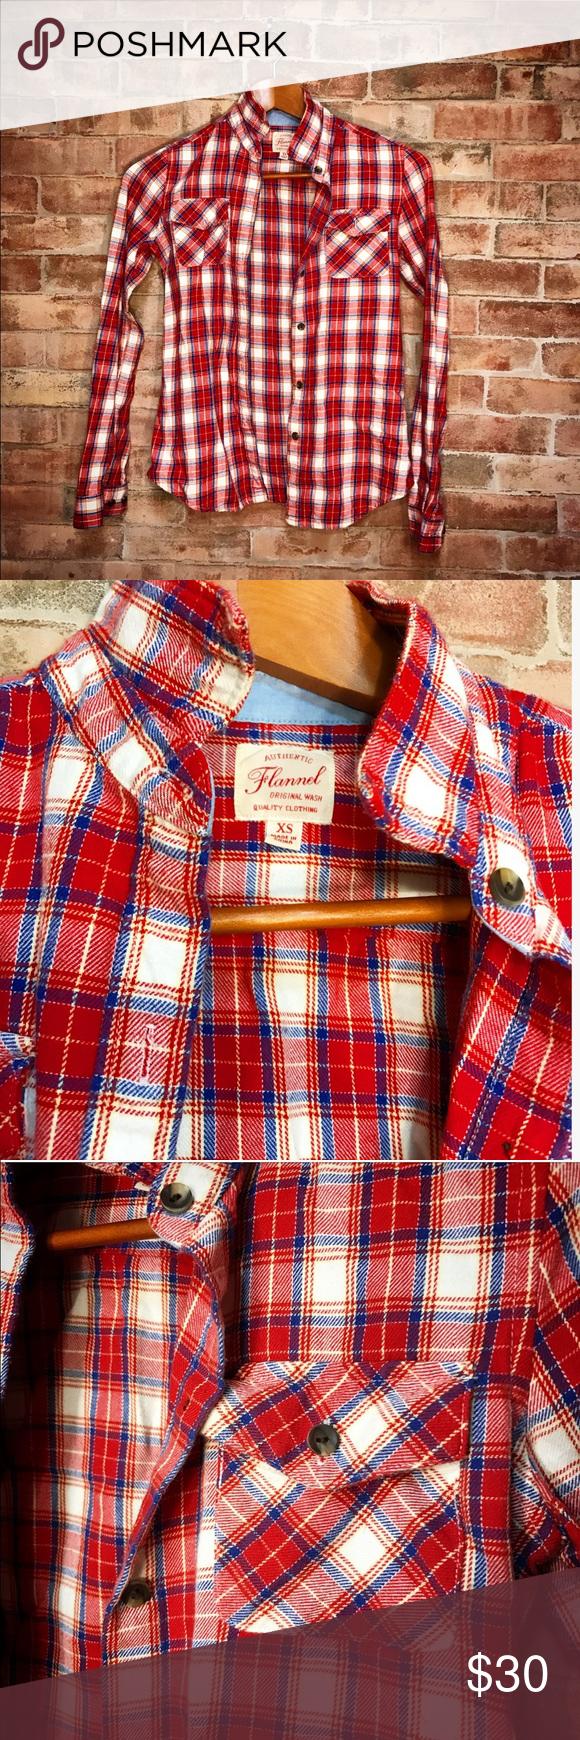 Uniqlo flannel jacket  UNIQLO Red and White Classic Flannel  Uniqlo Flannels and